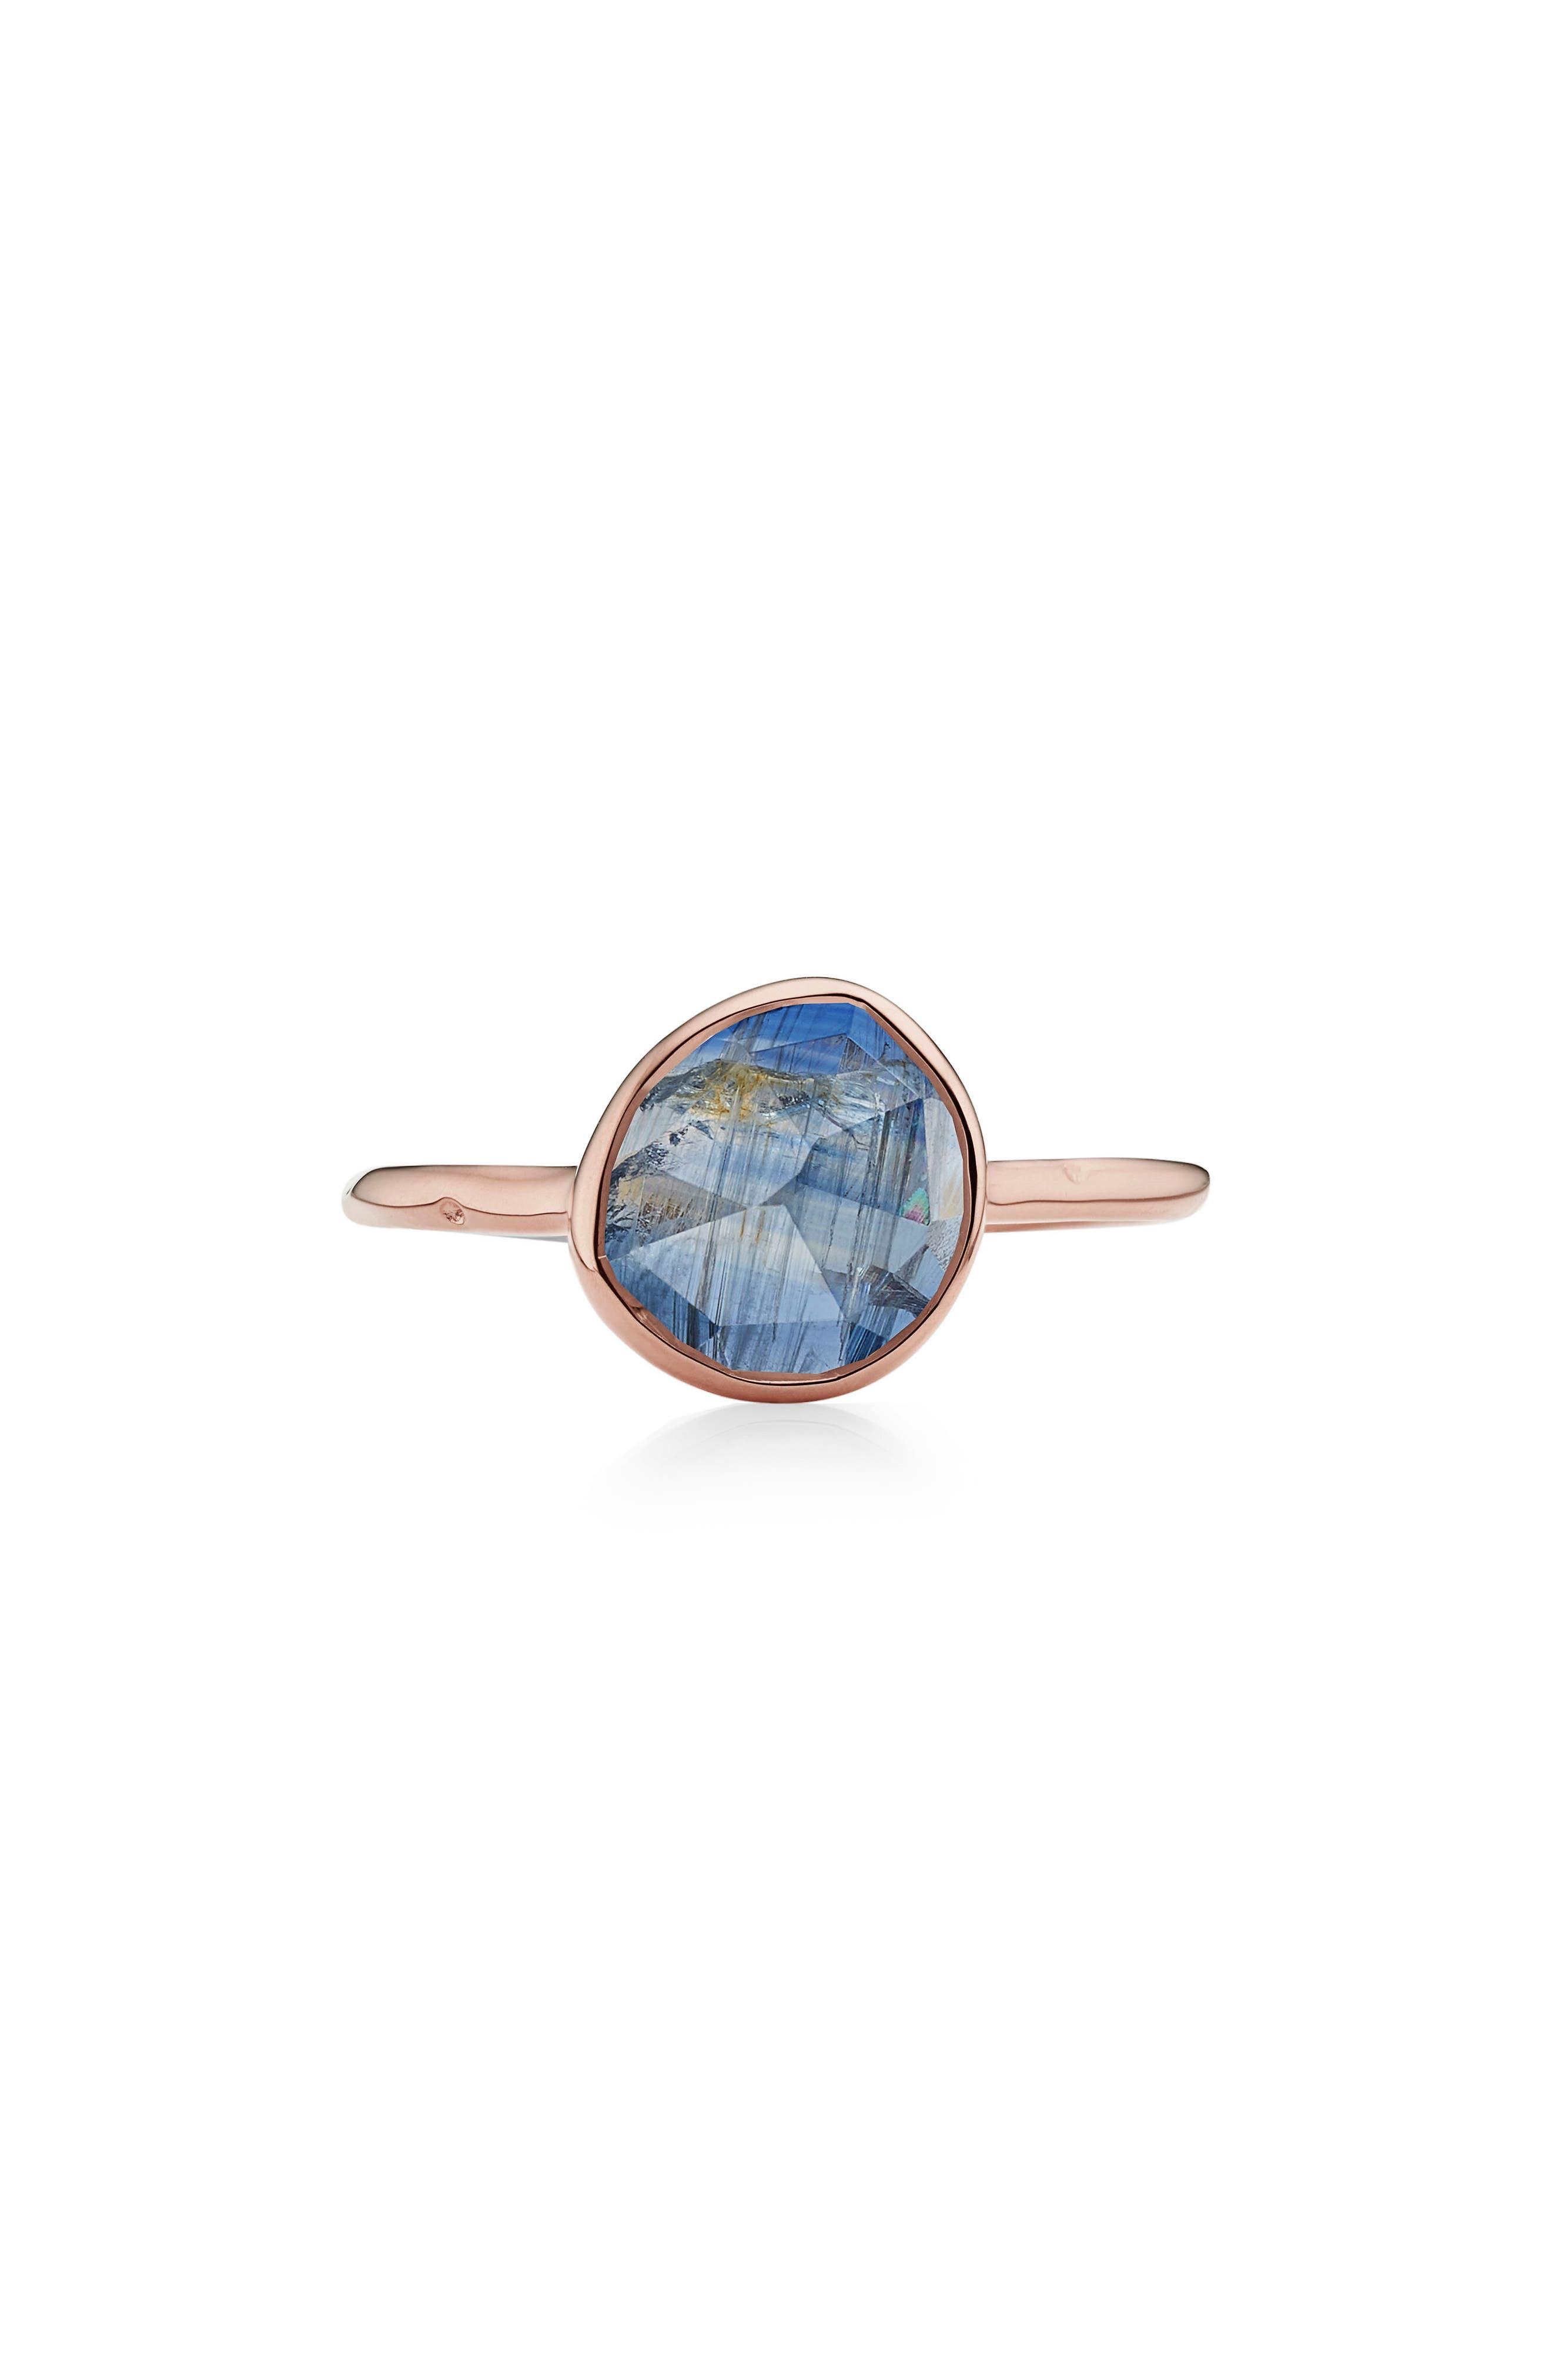 MONICA VINADER, Siren Semiprecious Stone Stacking Ring, Main thumbnail 1, color, ROSE GOLD/ KYANITE